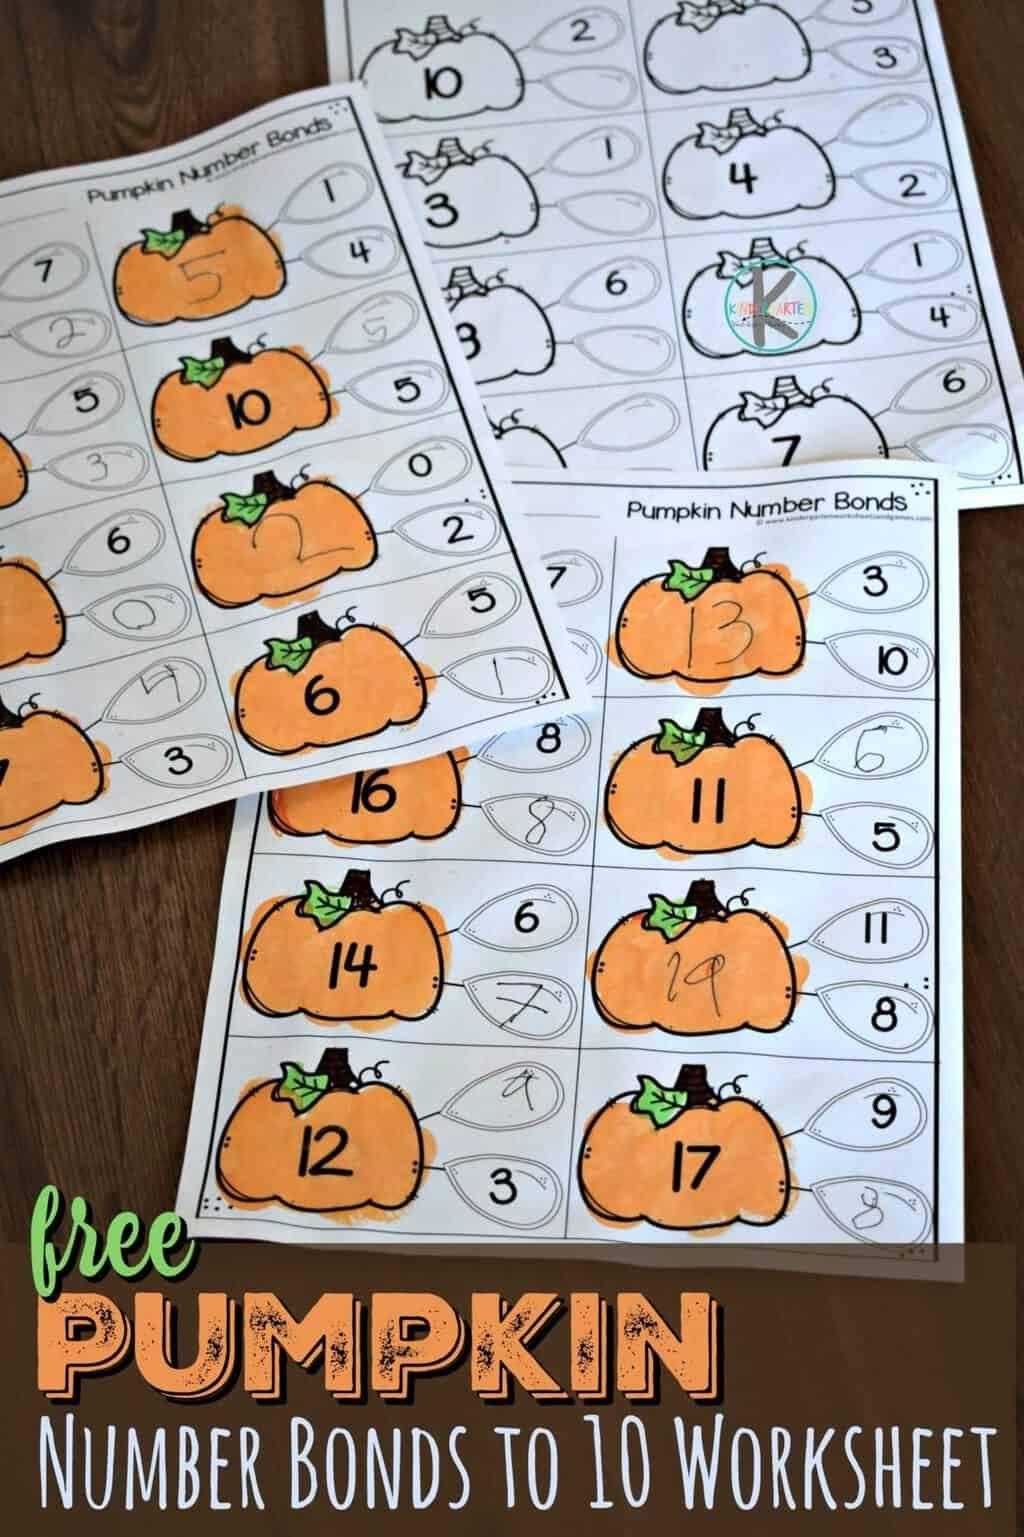 Pumpkin Number Bonds To 10 Worksheet